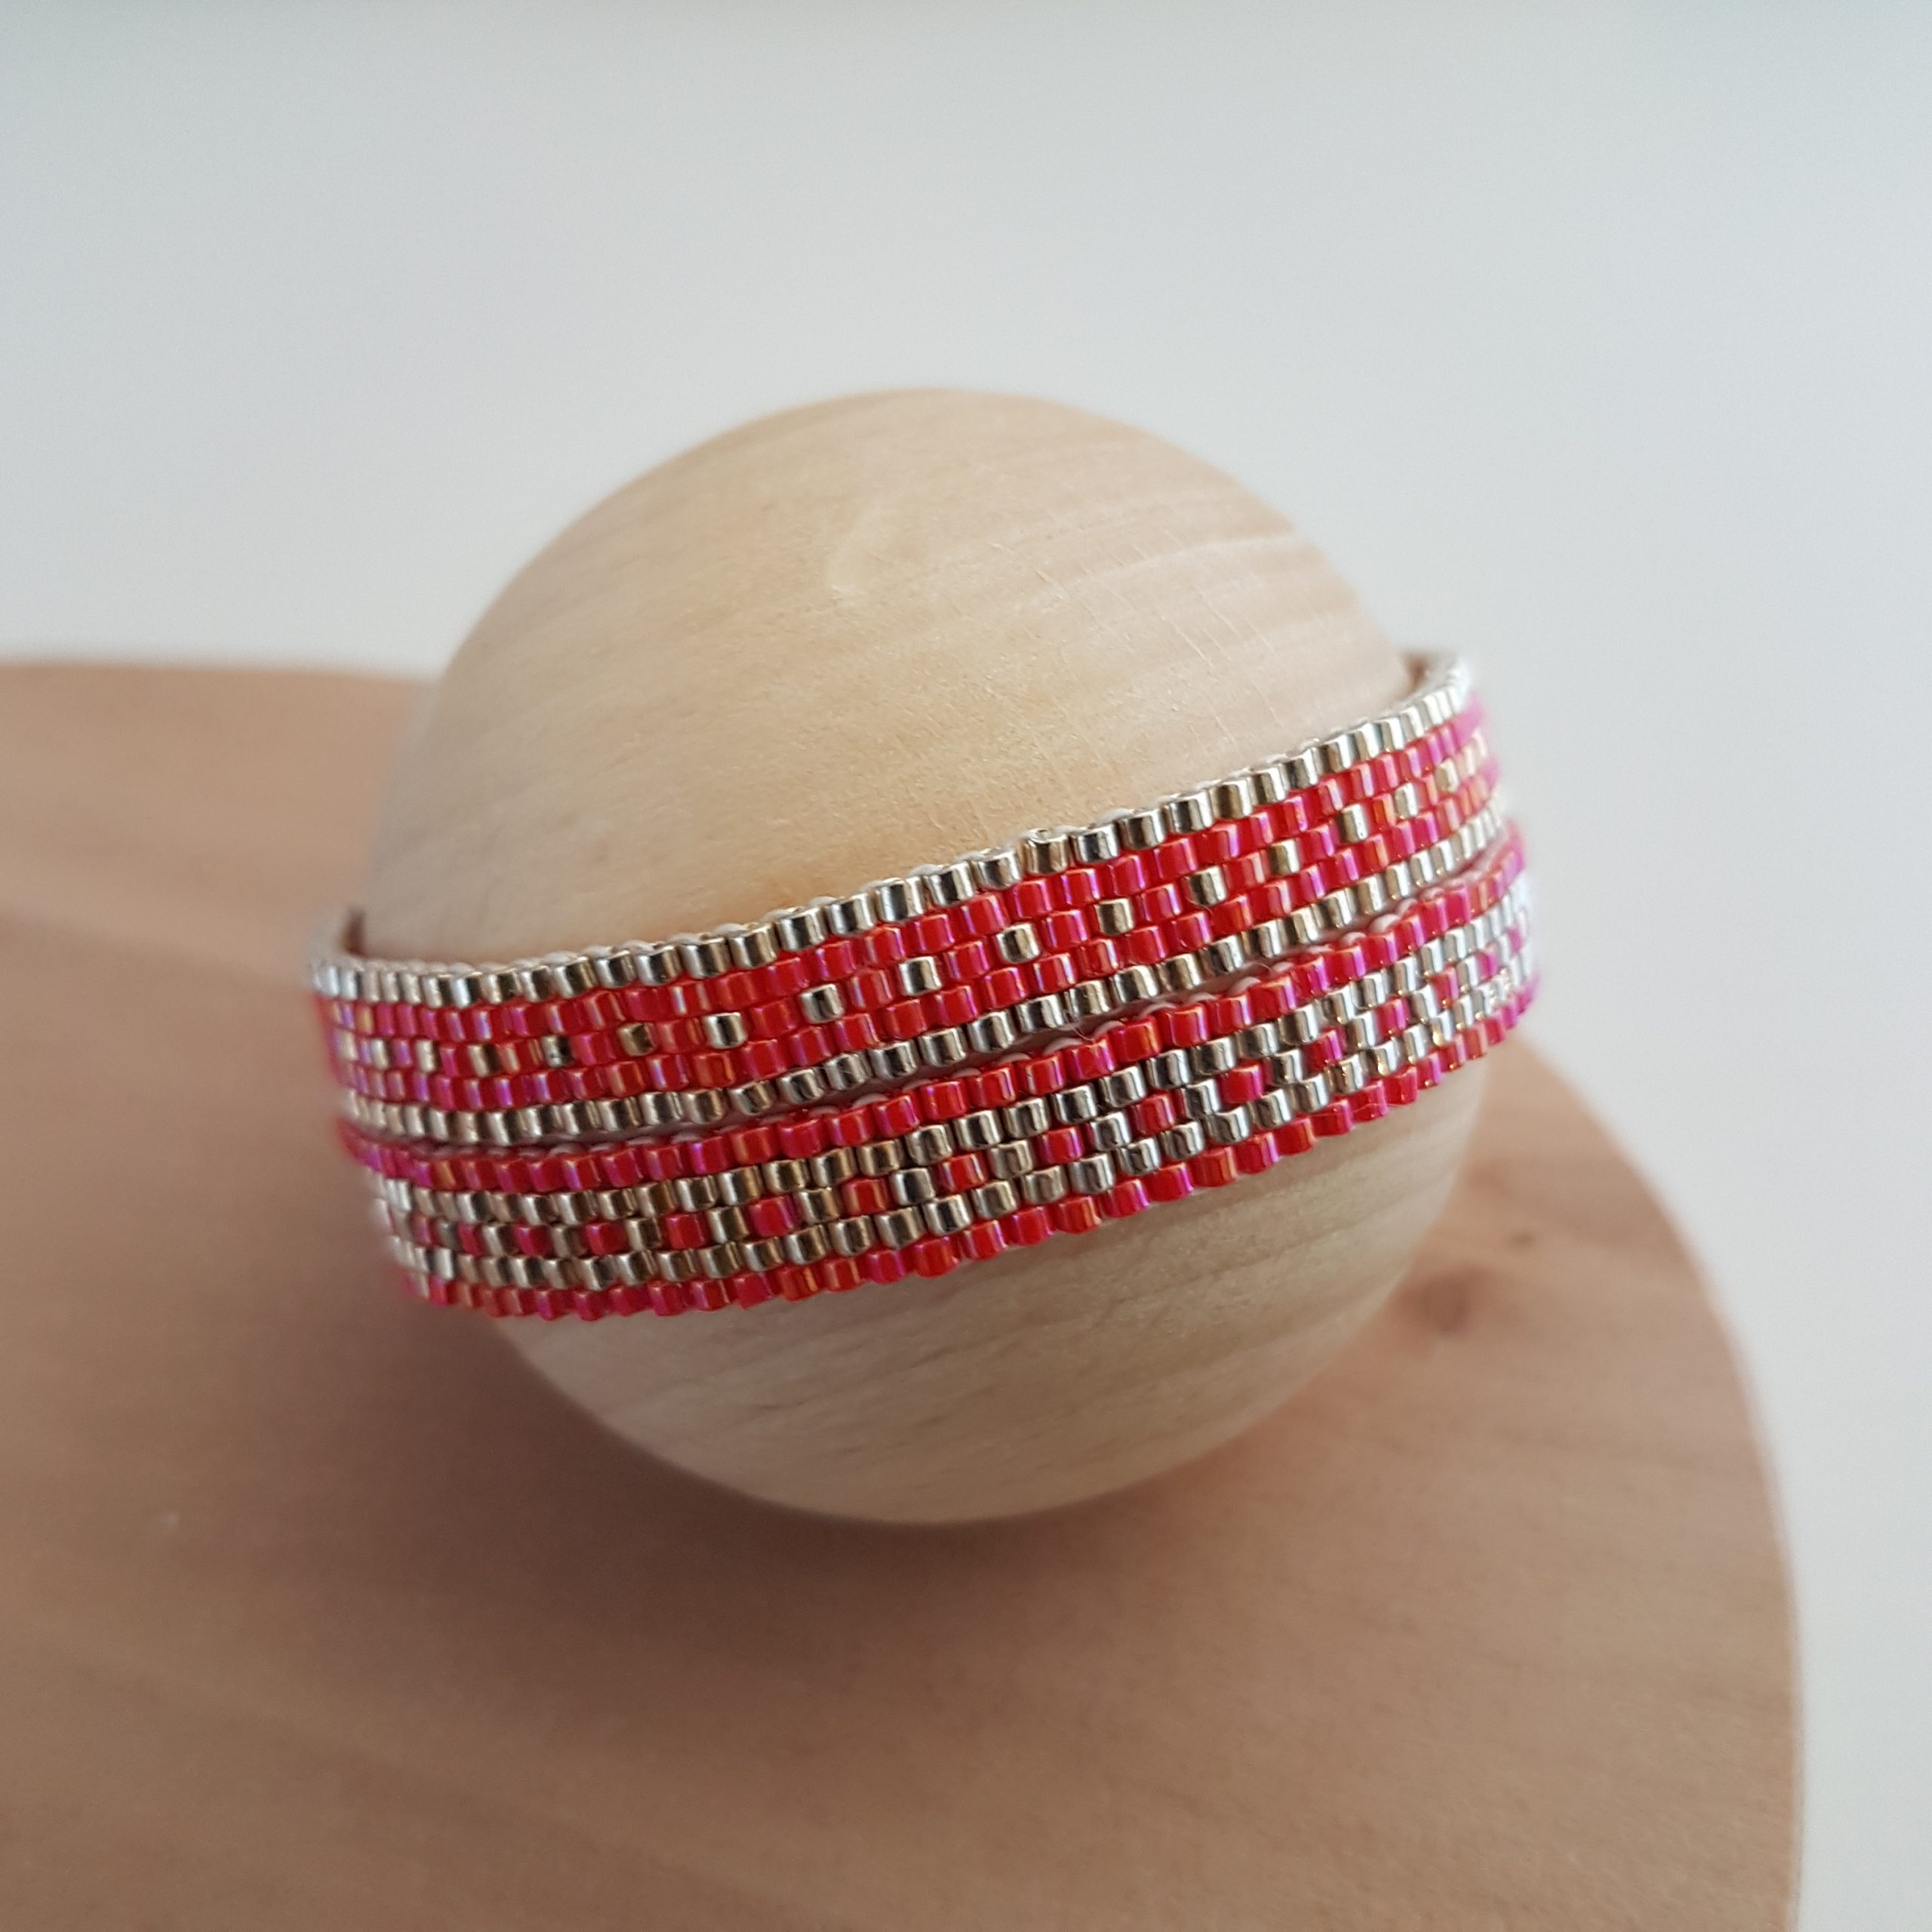 Cadeau Bijou artisanal lyon Bracelet Les cumulables rouge argent 925 miyuki